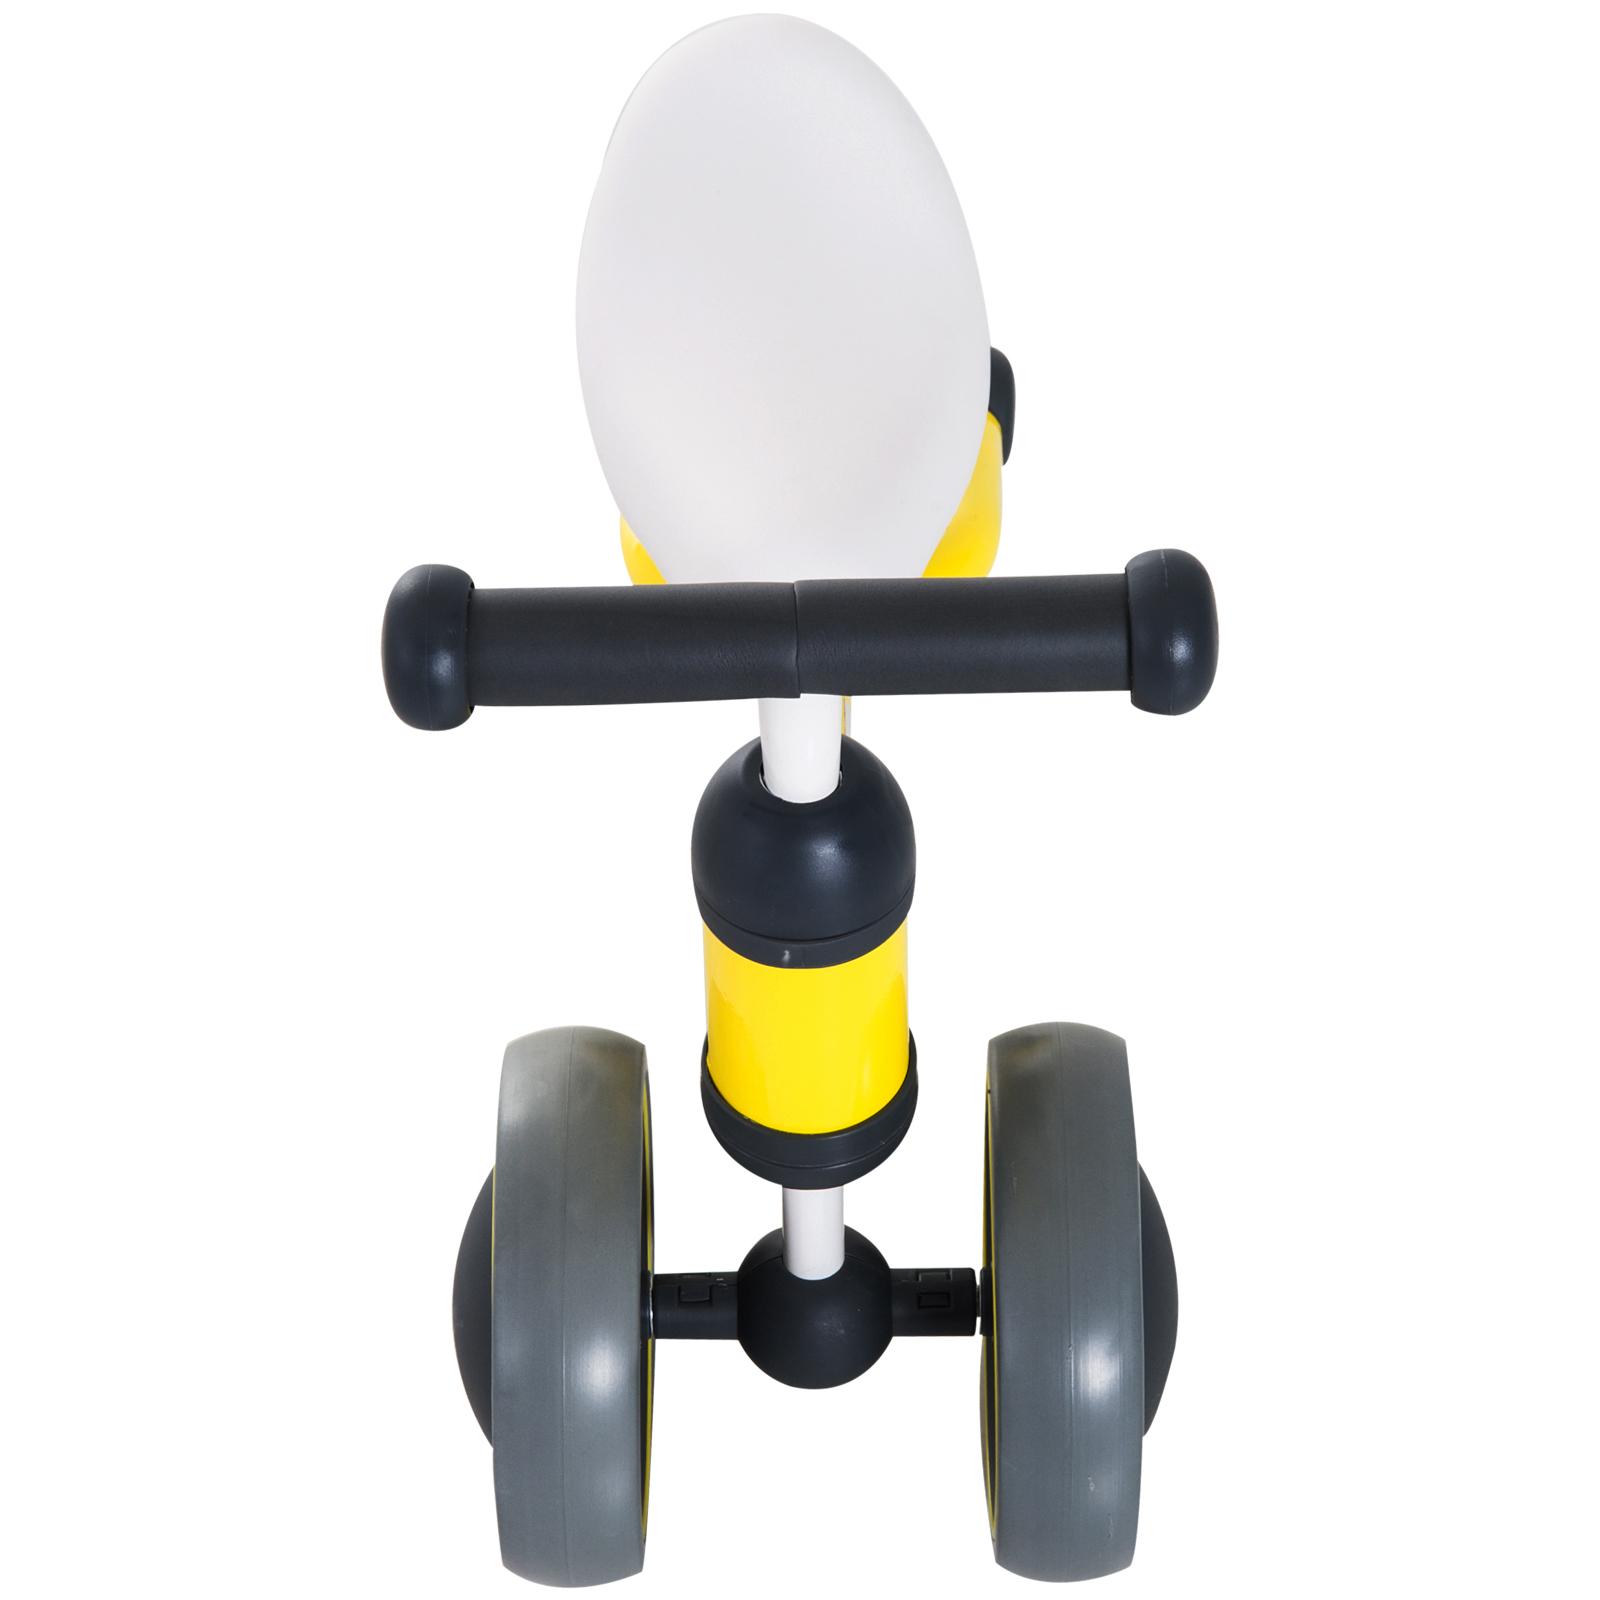 Triciclo-Bicicleta-sin-Pedales-para-Nino-1-3-Anos-Sillon-Comodo-Aluminio miniatura 13